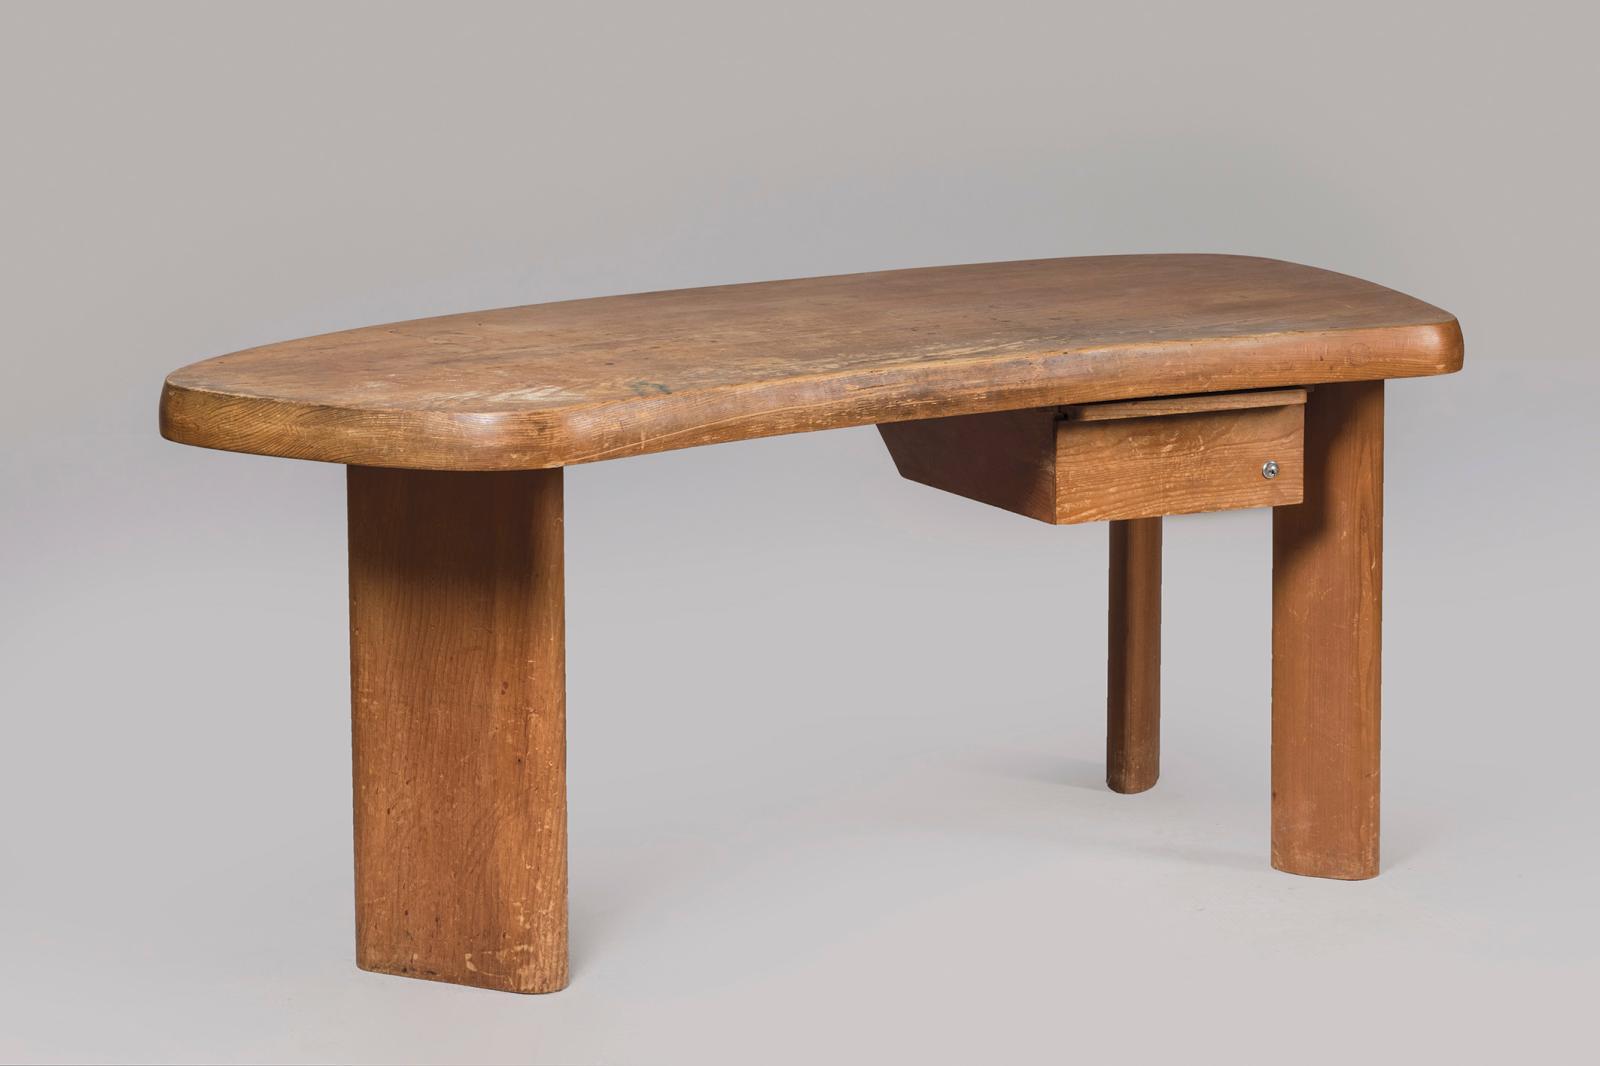 Spécialiste de Charlotte Perriand(1903-1999), Jacques Barsac a confirmé «ce modèle de bureau[…] très beau[…] et rare». En madrier de